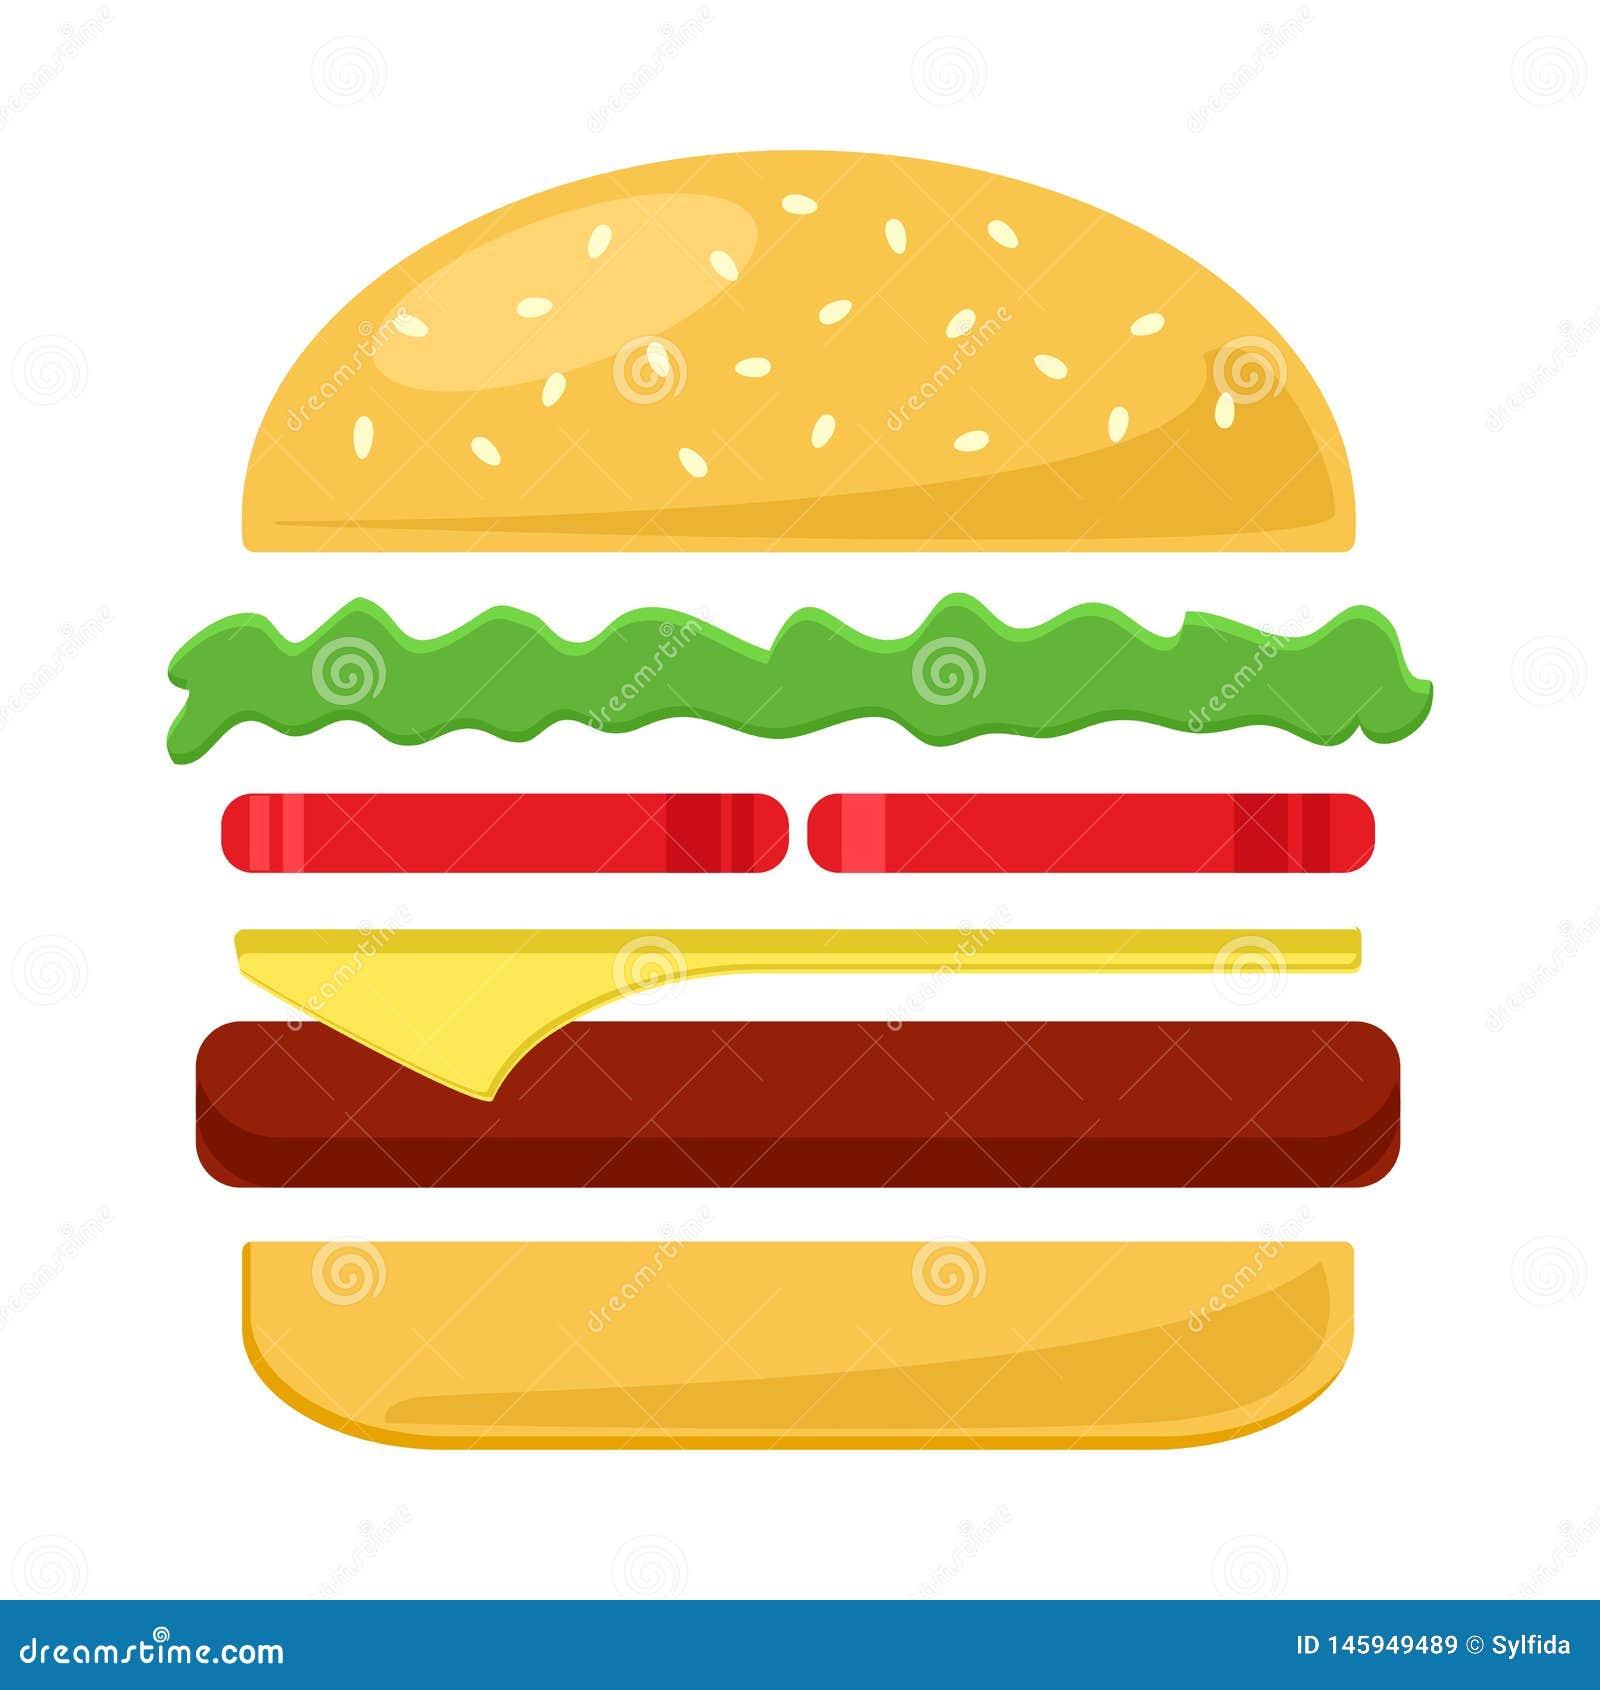 Icône colorée de cheeseburger Illustration de vecteur